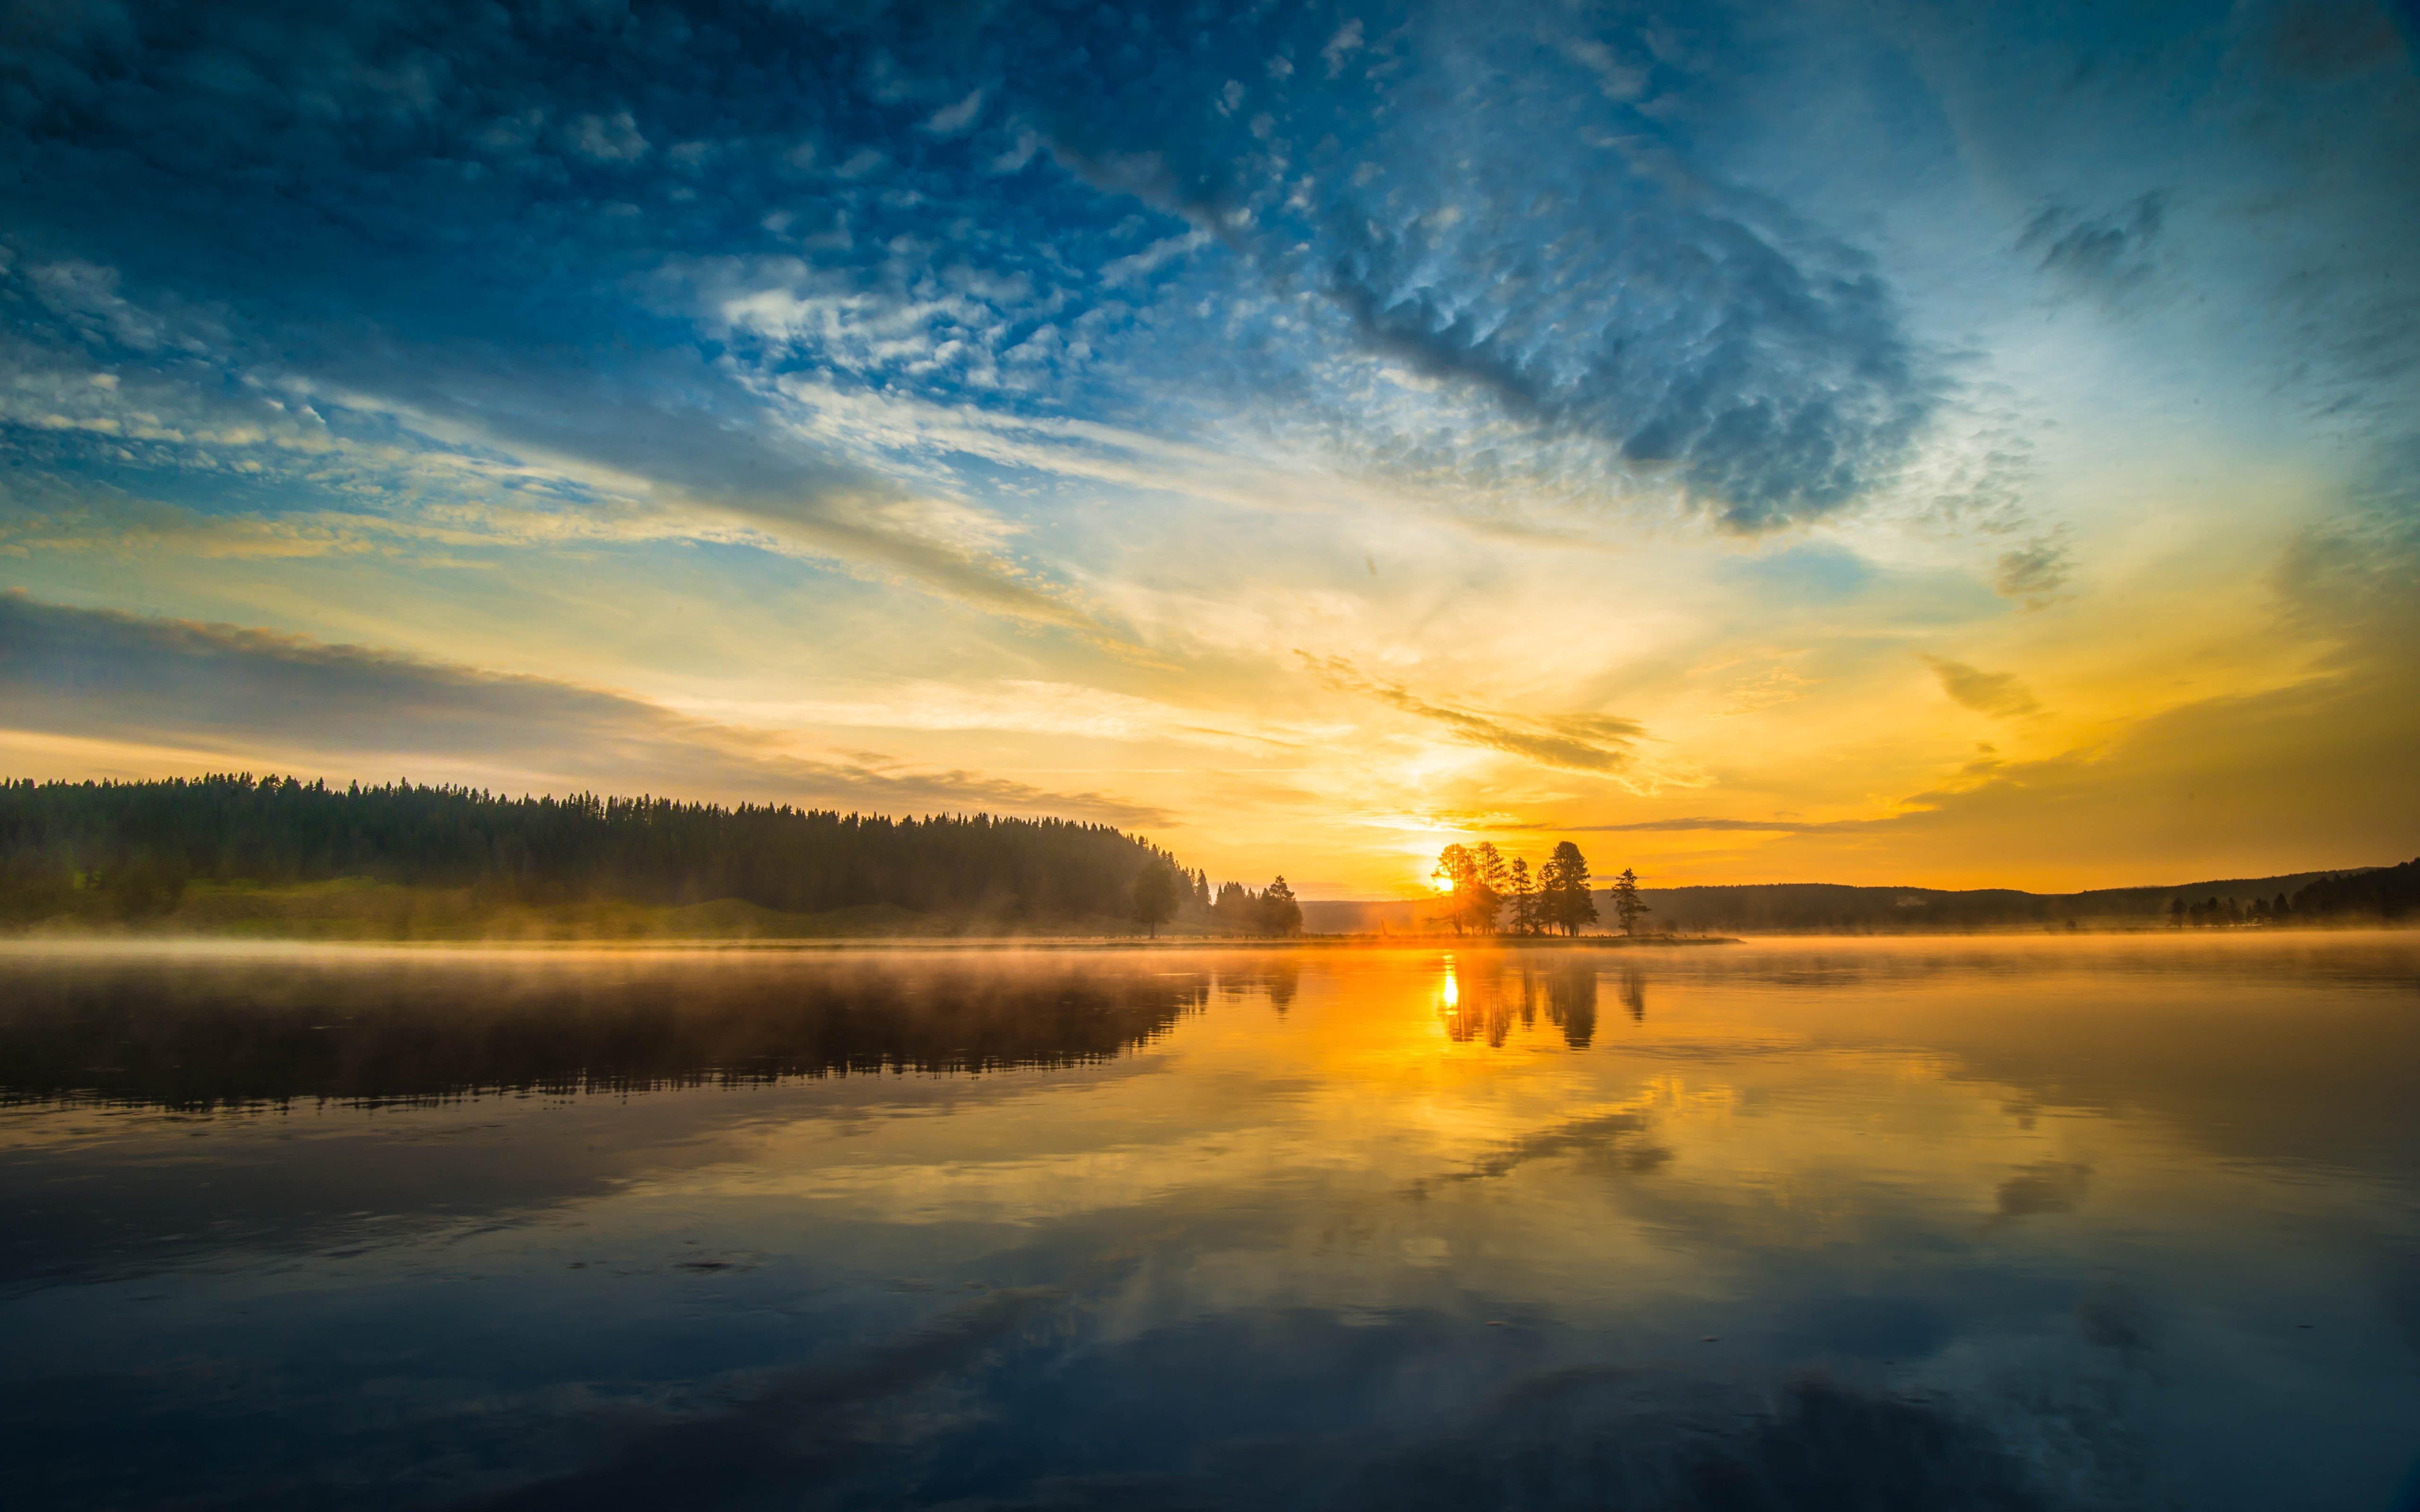 National Park Yellowstone Lake Sunset Reflection Wallpaper